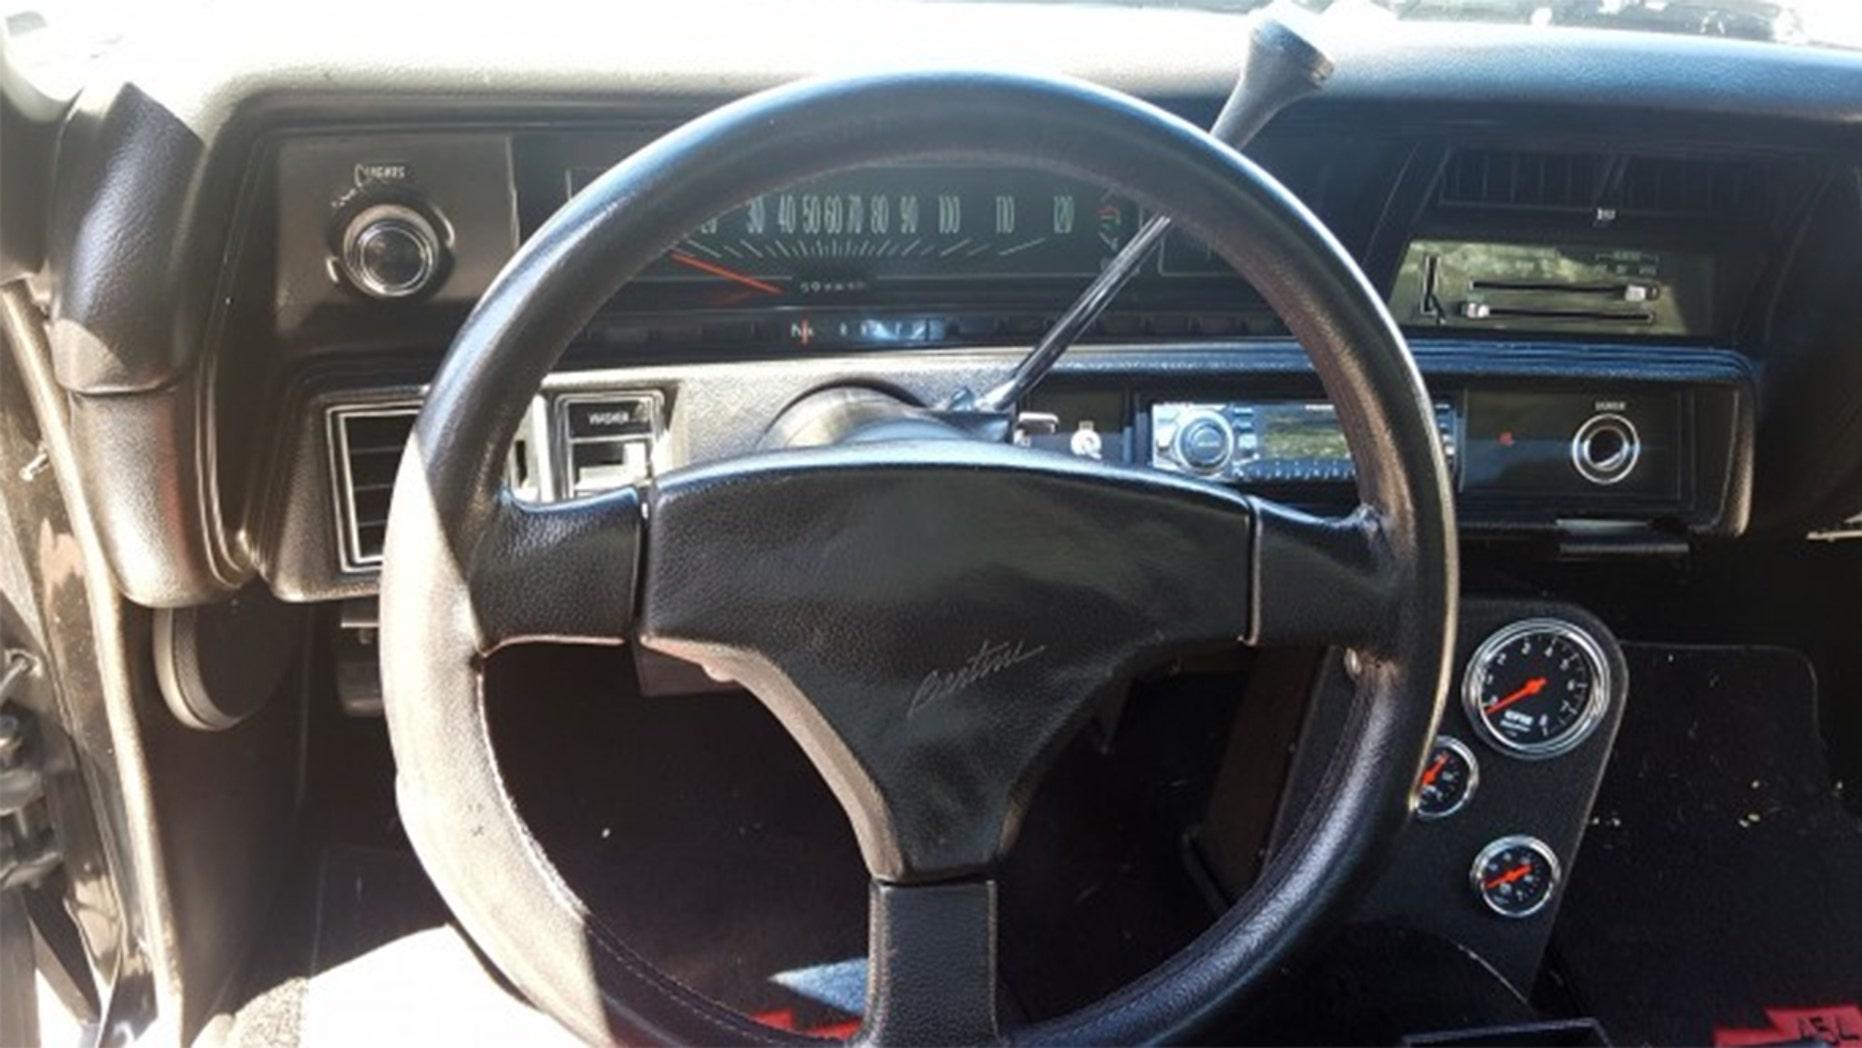 Sammy Hagar's 1970 Chevrolet El Camino interior